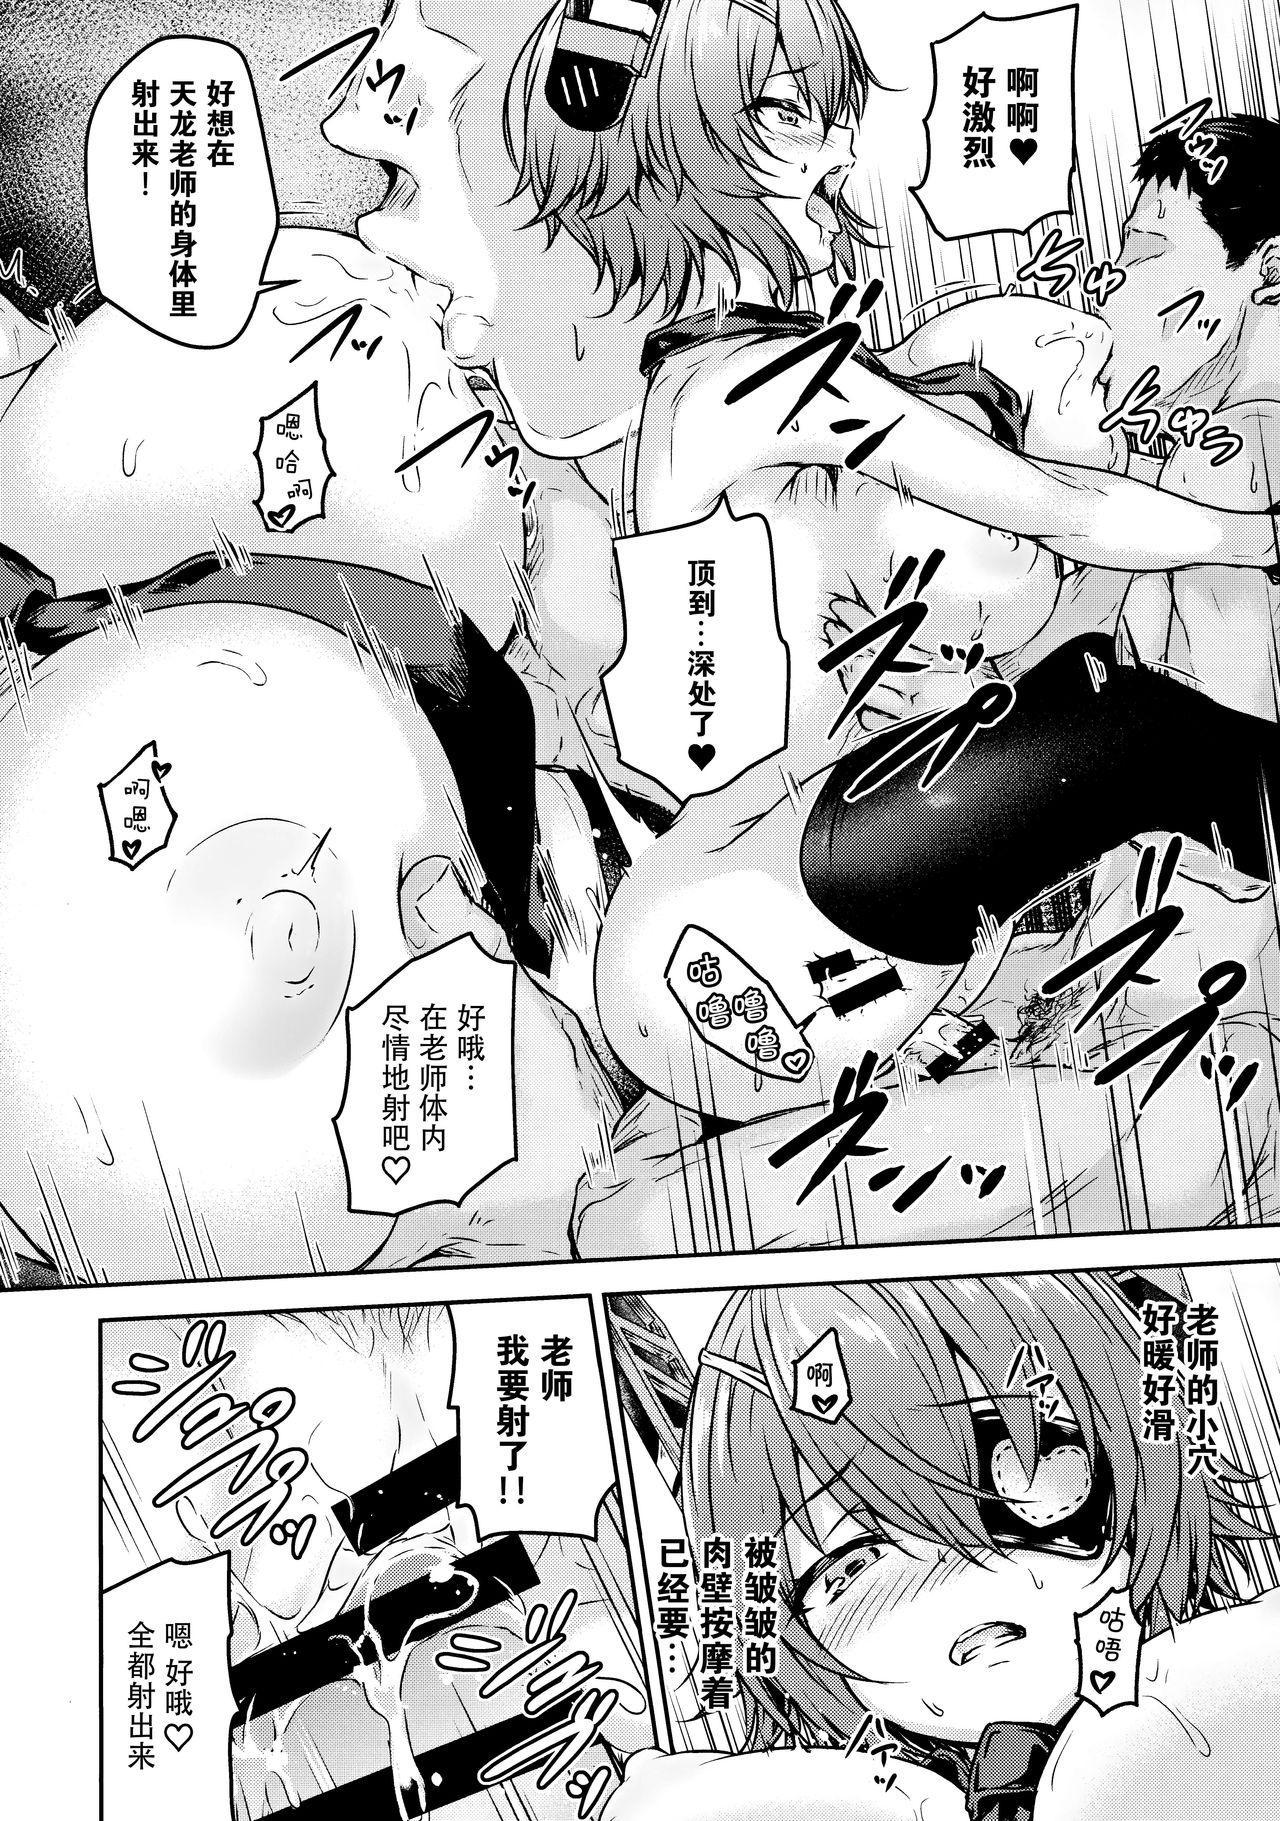 Tenryuu Sensei no Otona Youchien 15